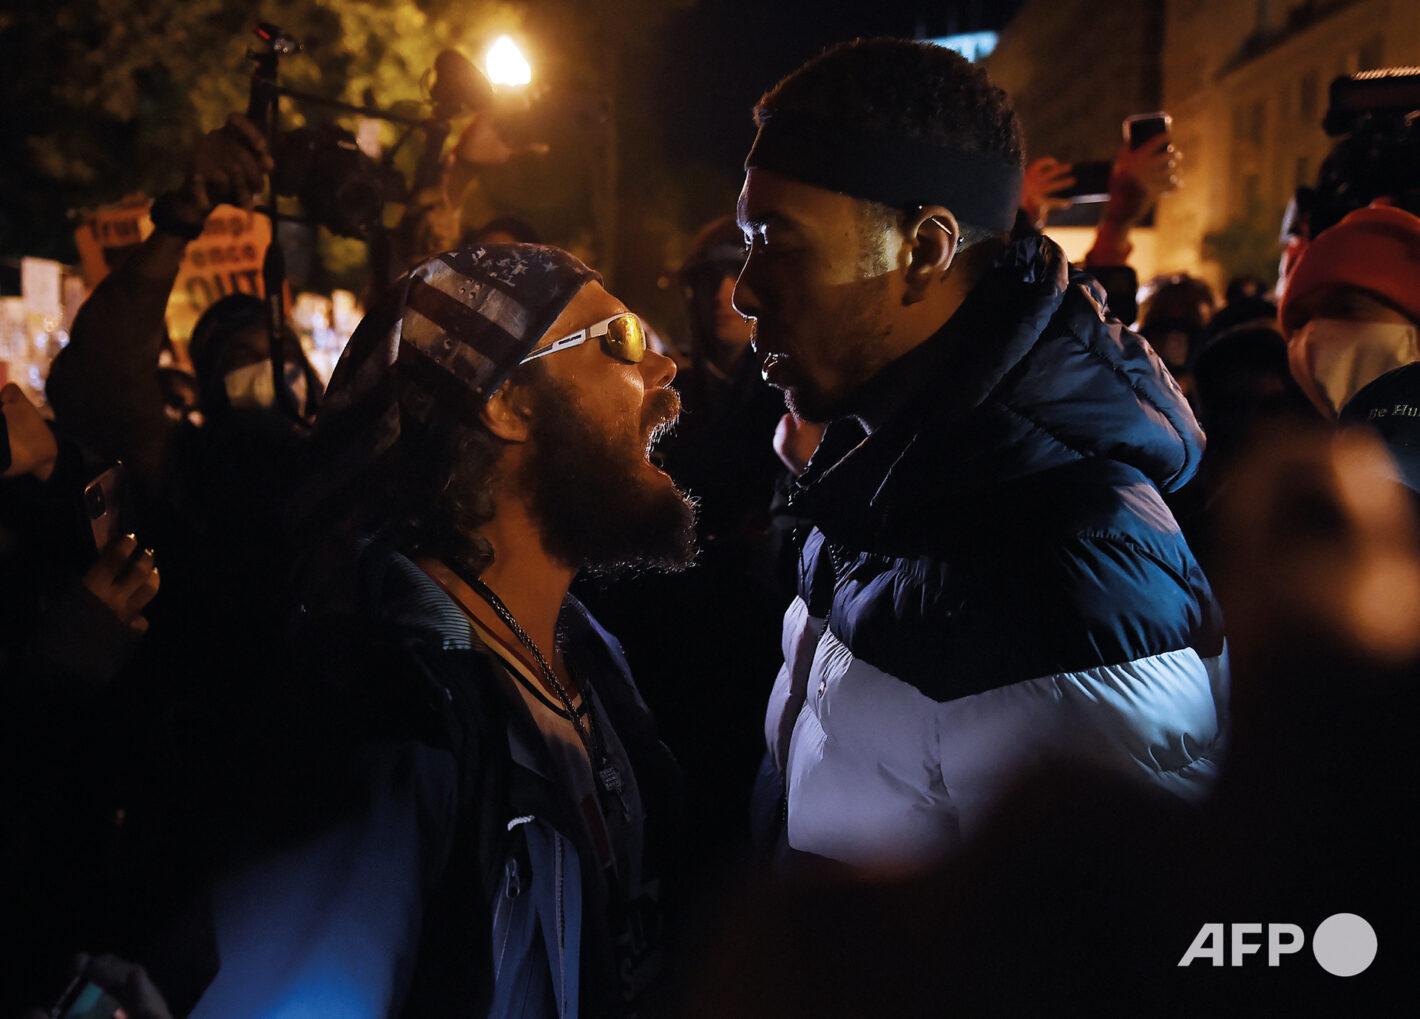 AFP 4 | Olivier DOULIERY 3 novembre 2020 – Washington, DC (États-Unis)